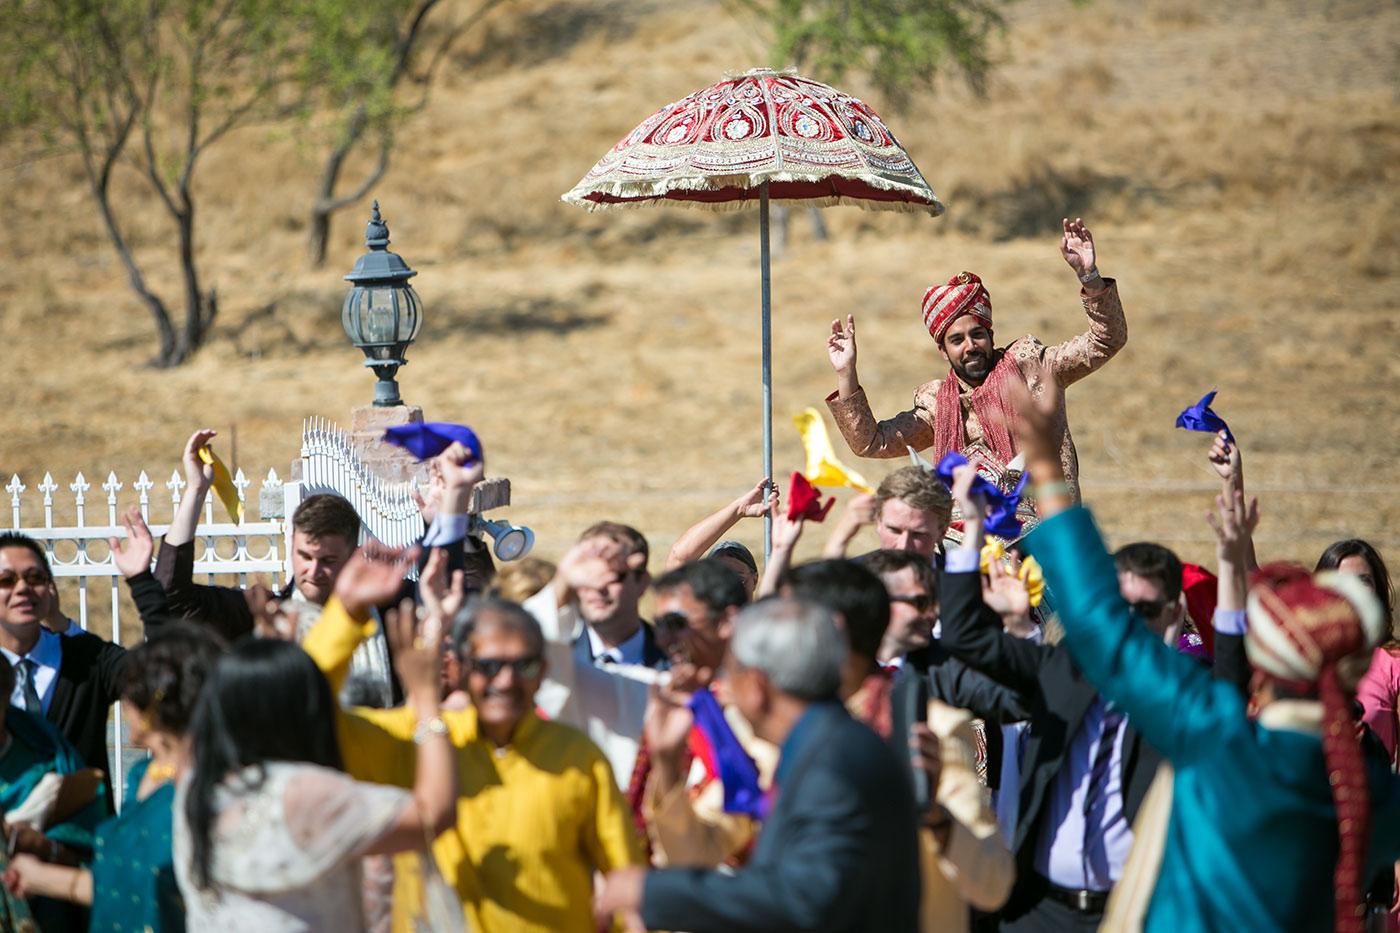 san-jose-indian-wedding-photos-38